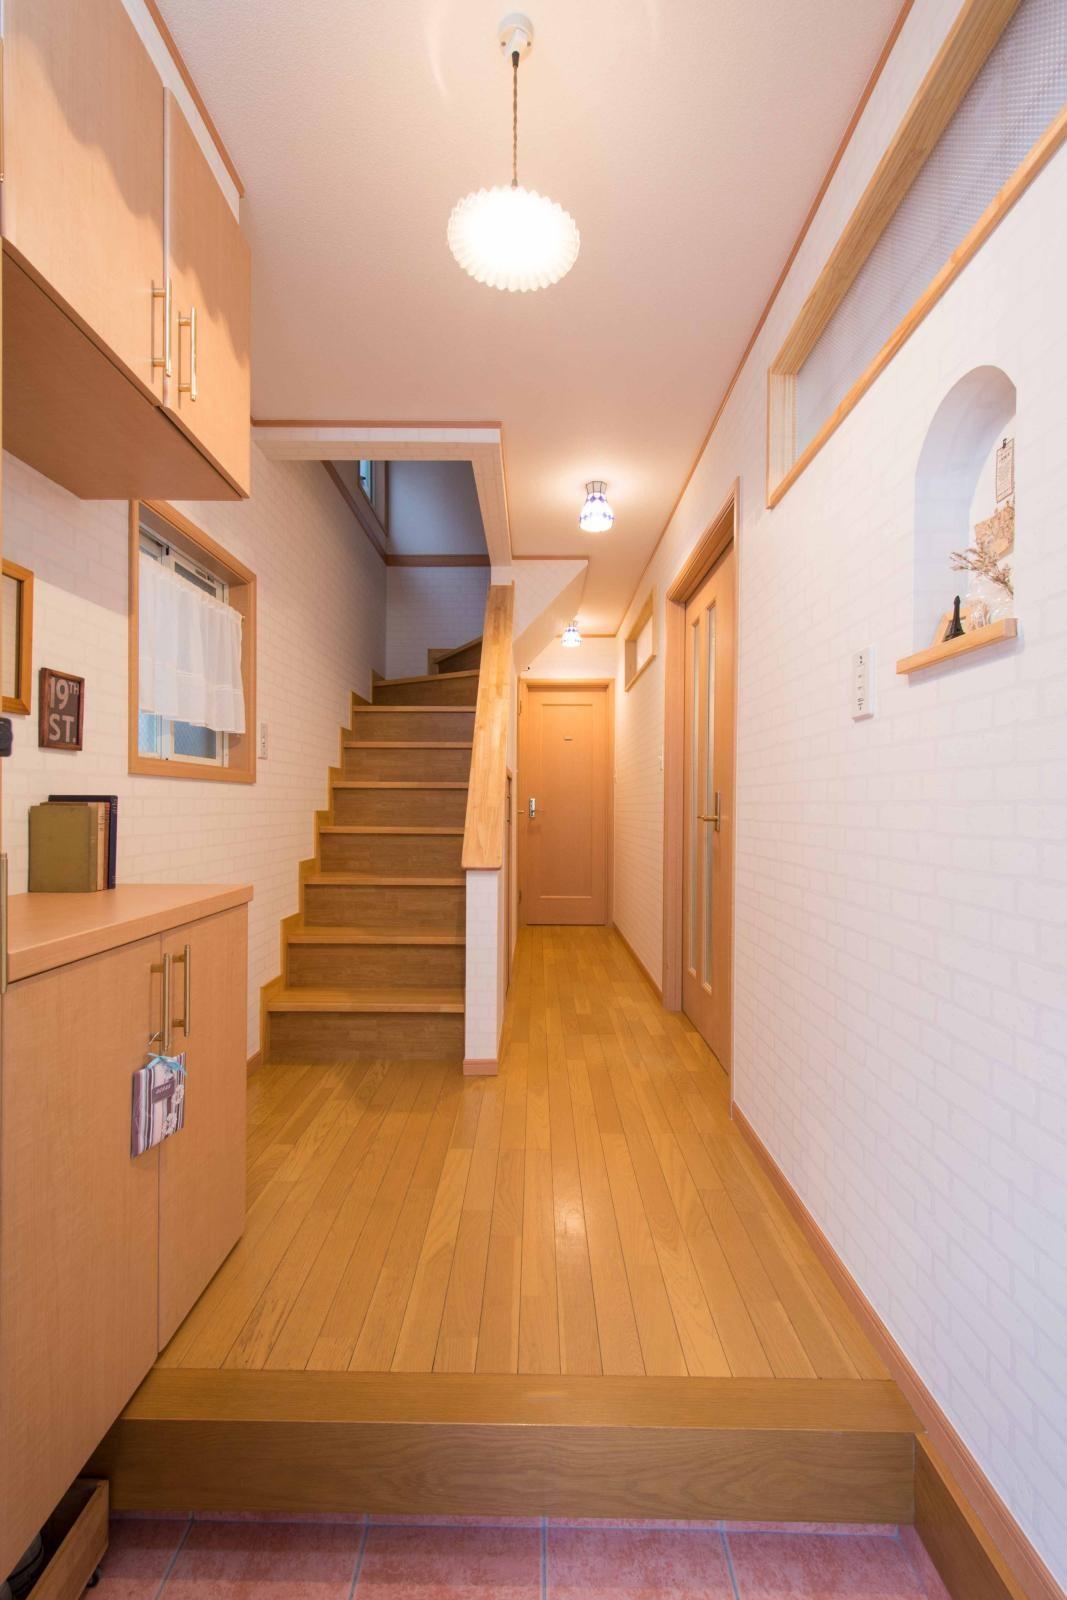 その他事例:階段(室内にも明り取り窓を付けて明るく!戸建てリフォーム)